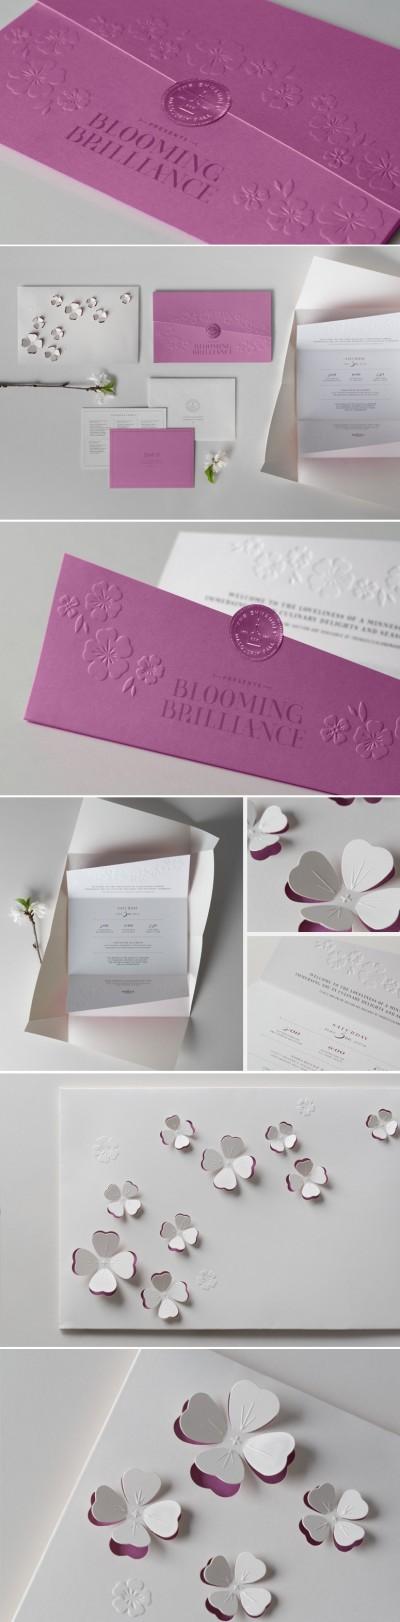 graphisme inspiration invitation - avec decoupe et gaufrage / Die-cut-Emboss